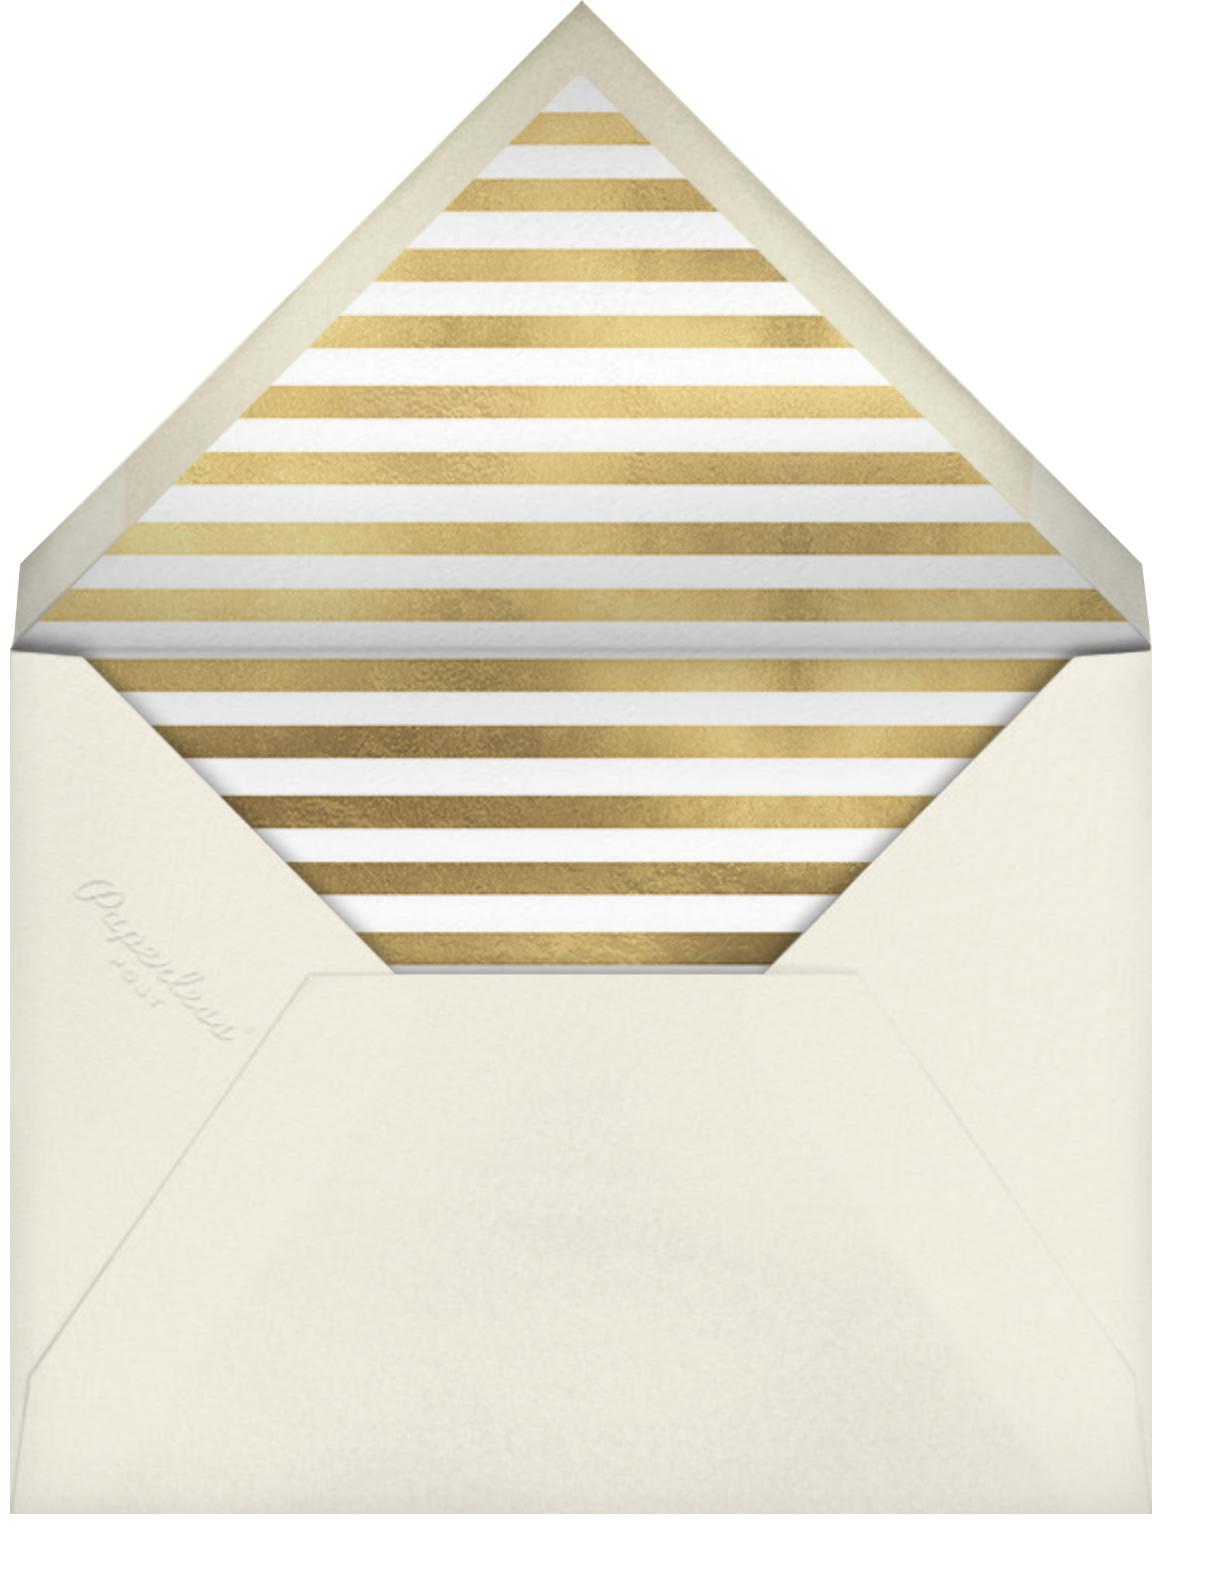 Better Halves Border - Cream - kate spade new york - Adult birthday - envelope back